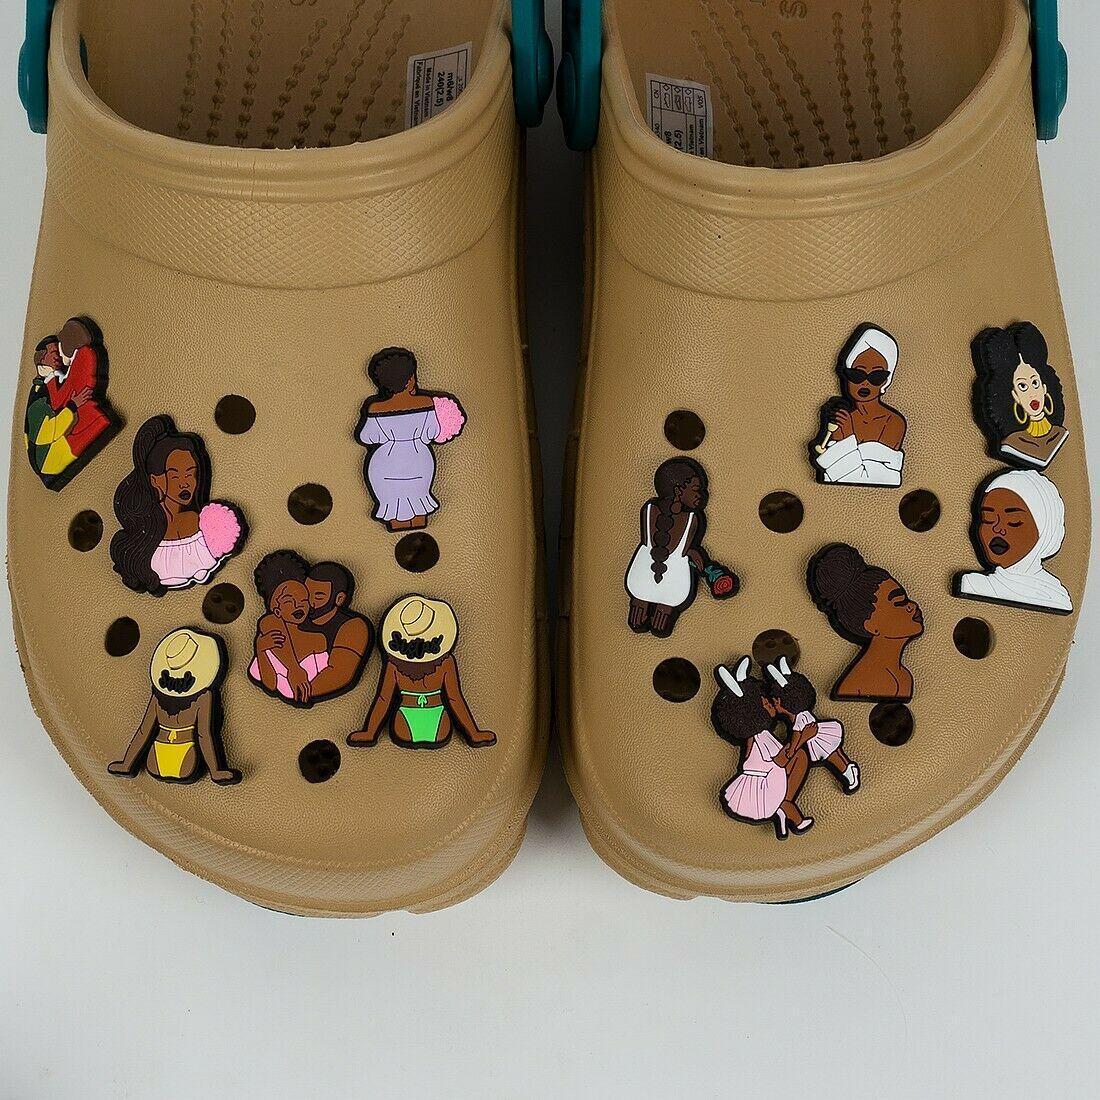 Black Lives Matter Shoe Charms BLM Black Magic Girls Donne Pvc Pin Pin Scarpe Decorazioni per Braccialetto Croc Braccialetti Bambini Baby Boy Girl Party Favori Regali di compleanno DHL